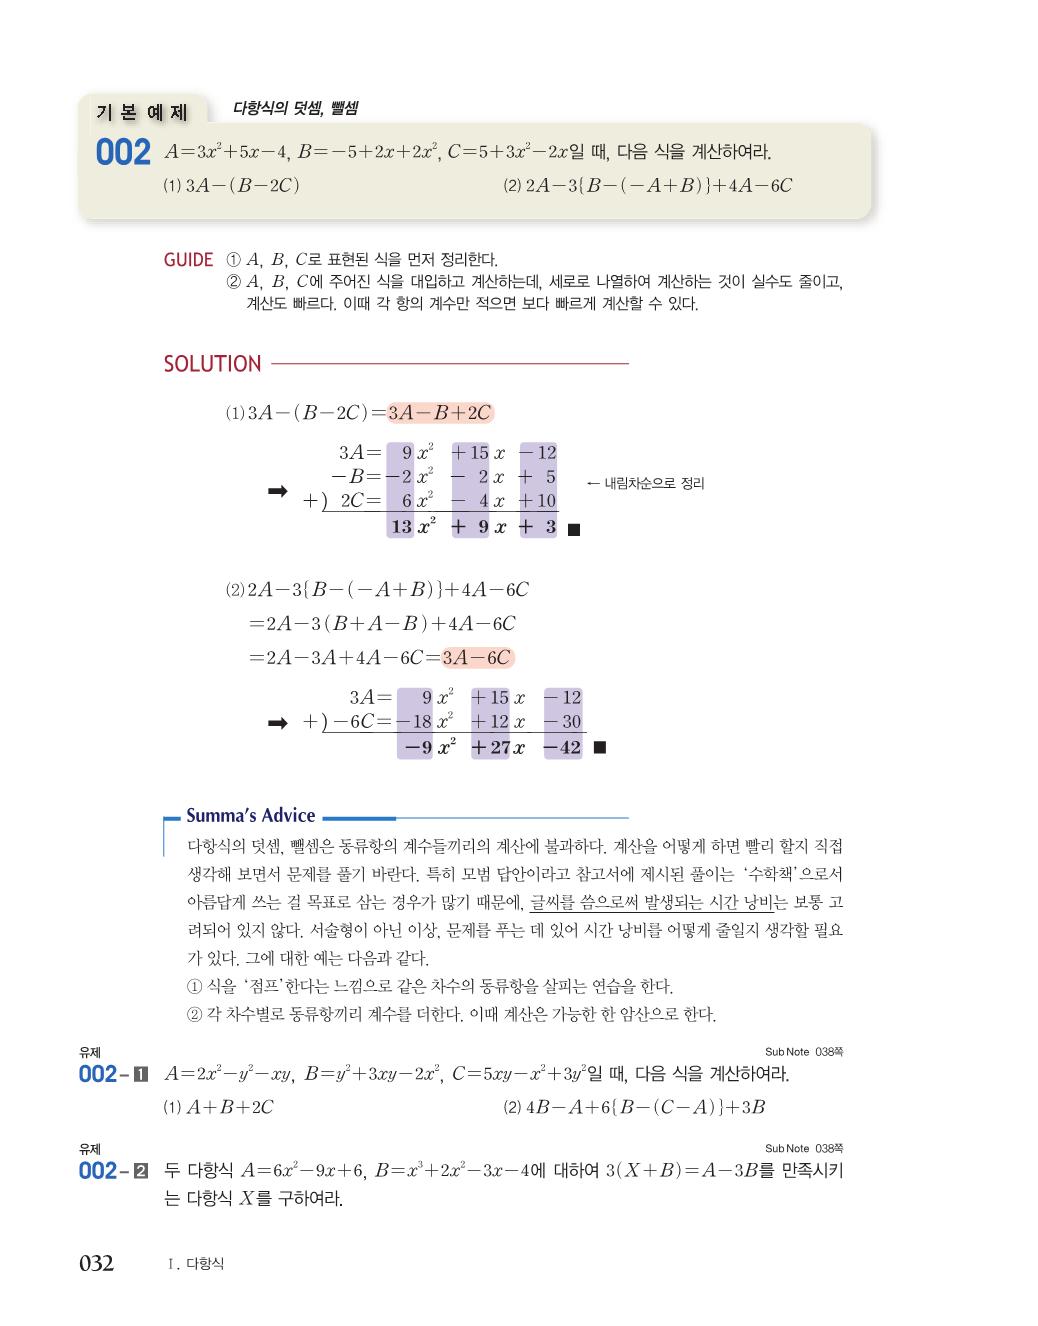 숨마쿰라우데 기본개념서 고등수학(상)_optimize19.png